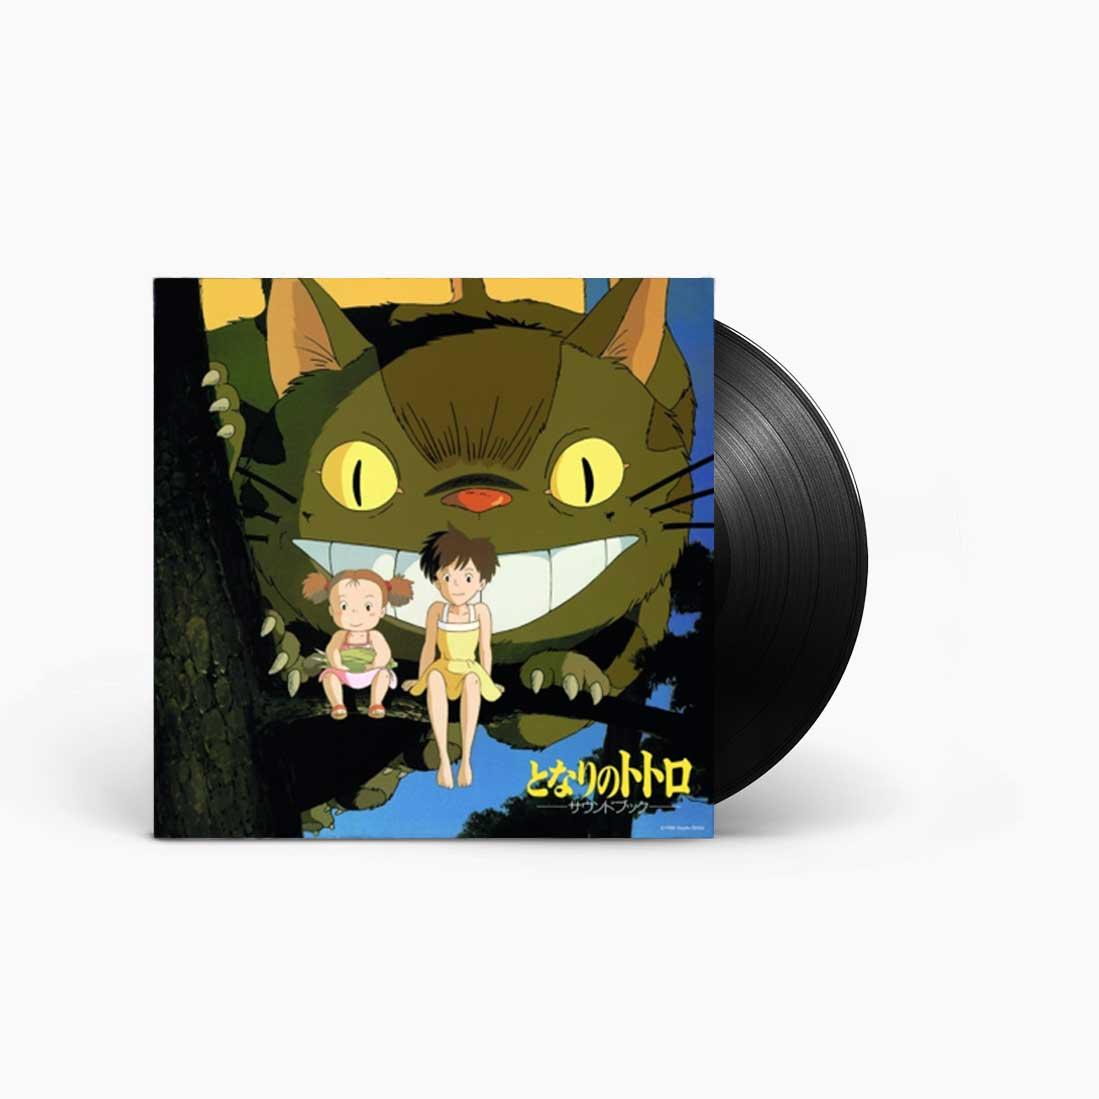 unun-Joe-Hisaish-vinyl-cover_t-1.jpg